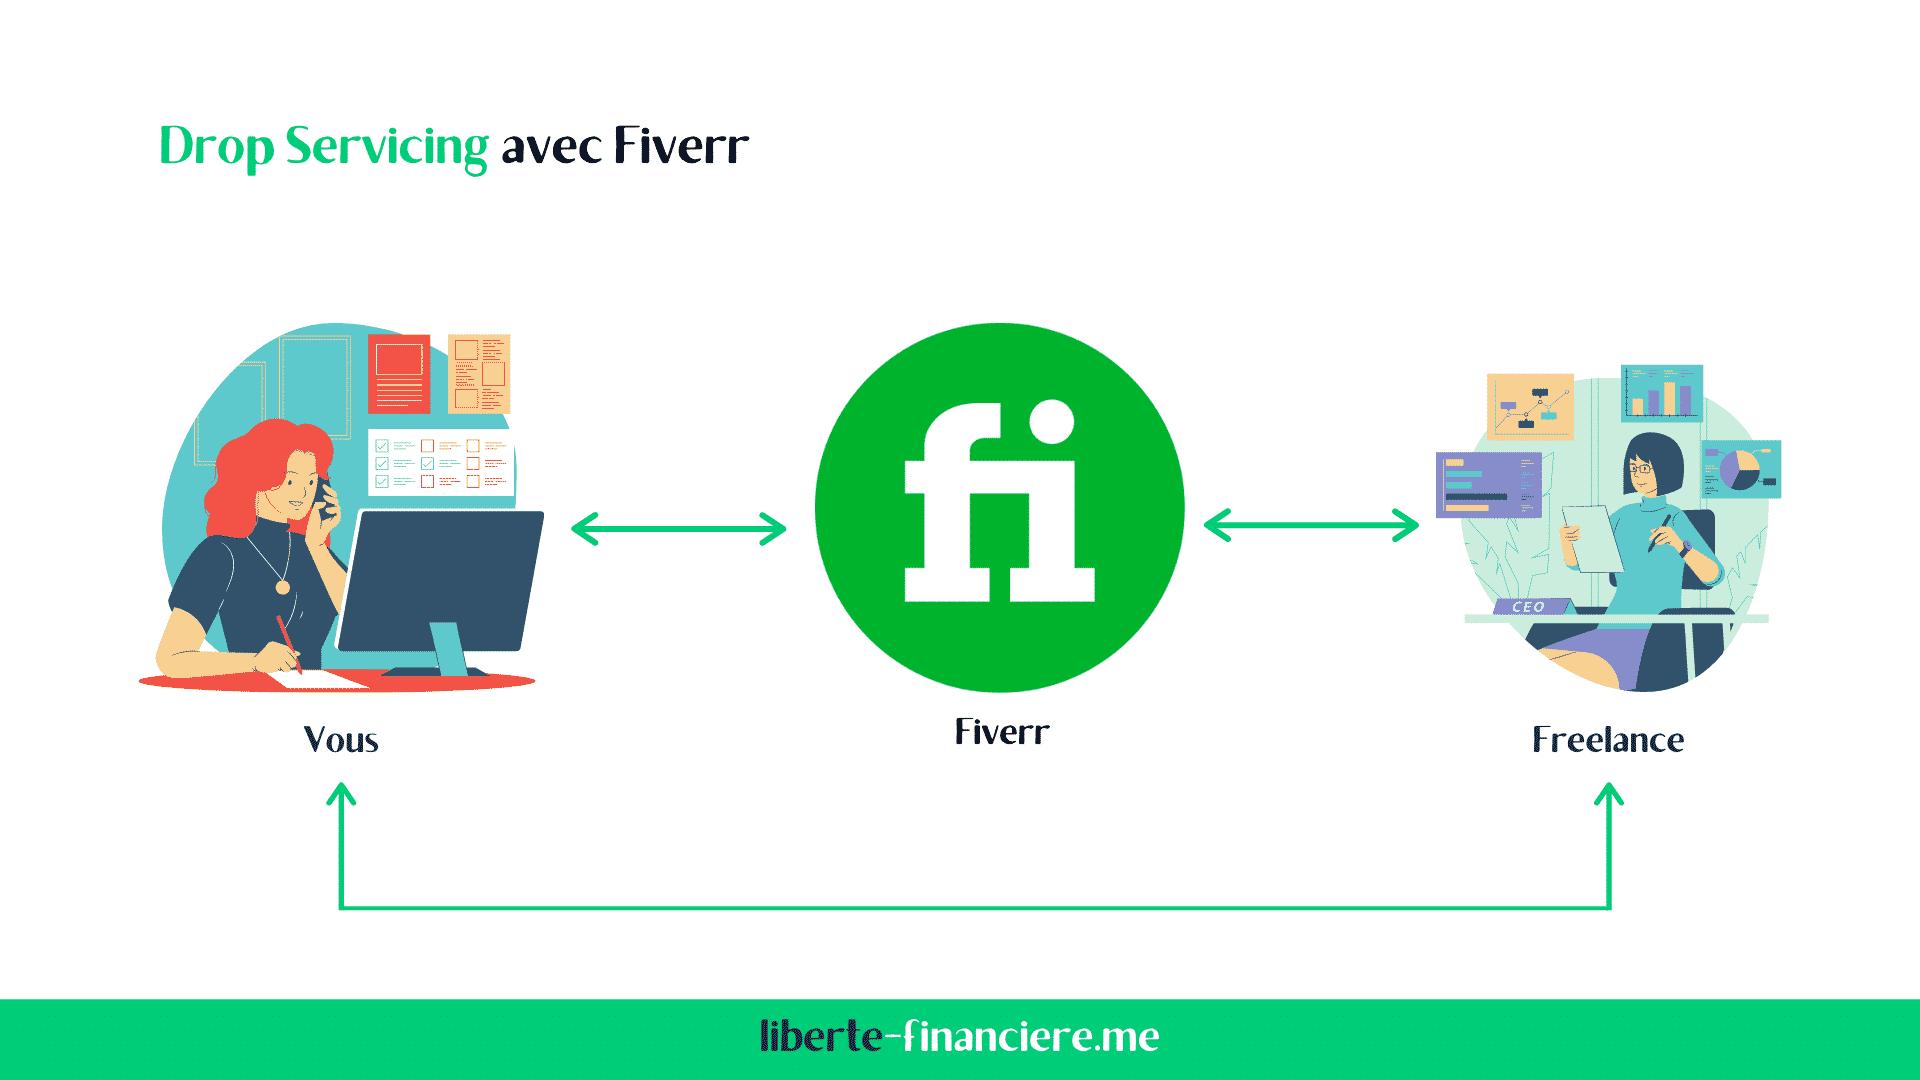 Faire du Drop Servicing avec Fiverr